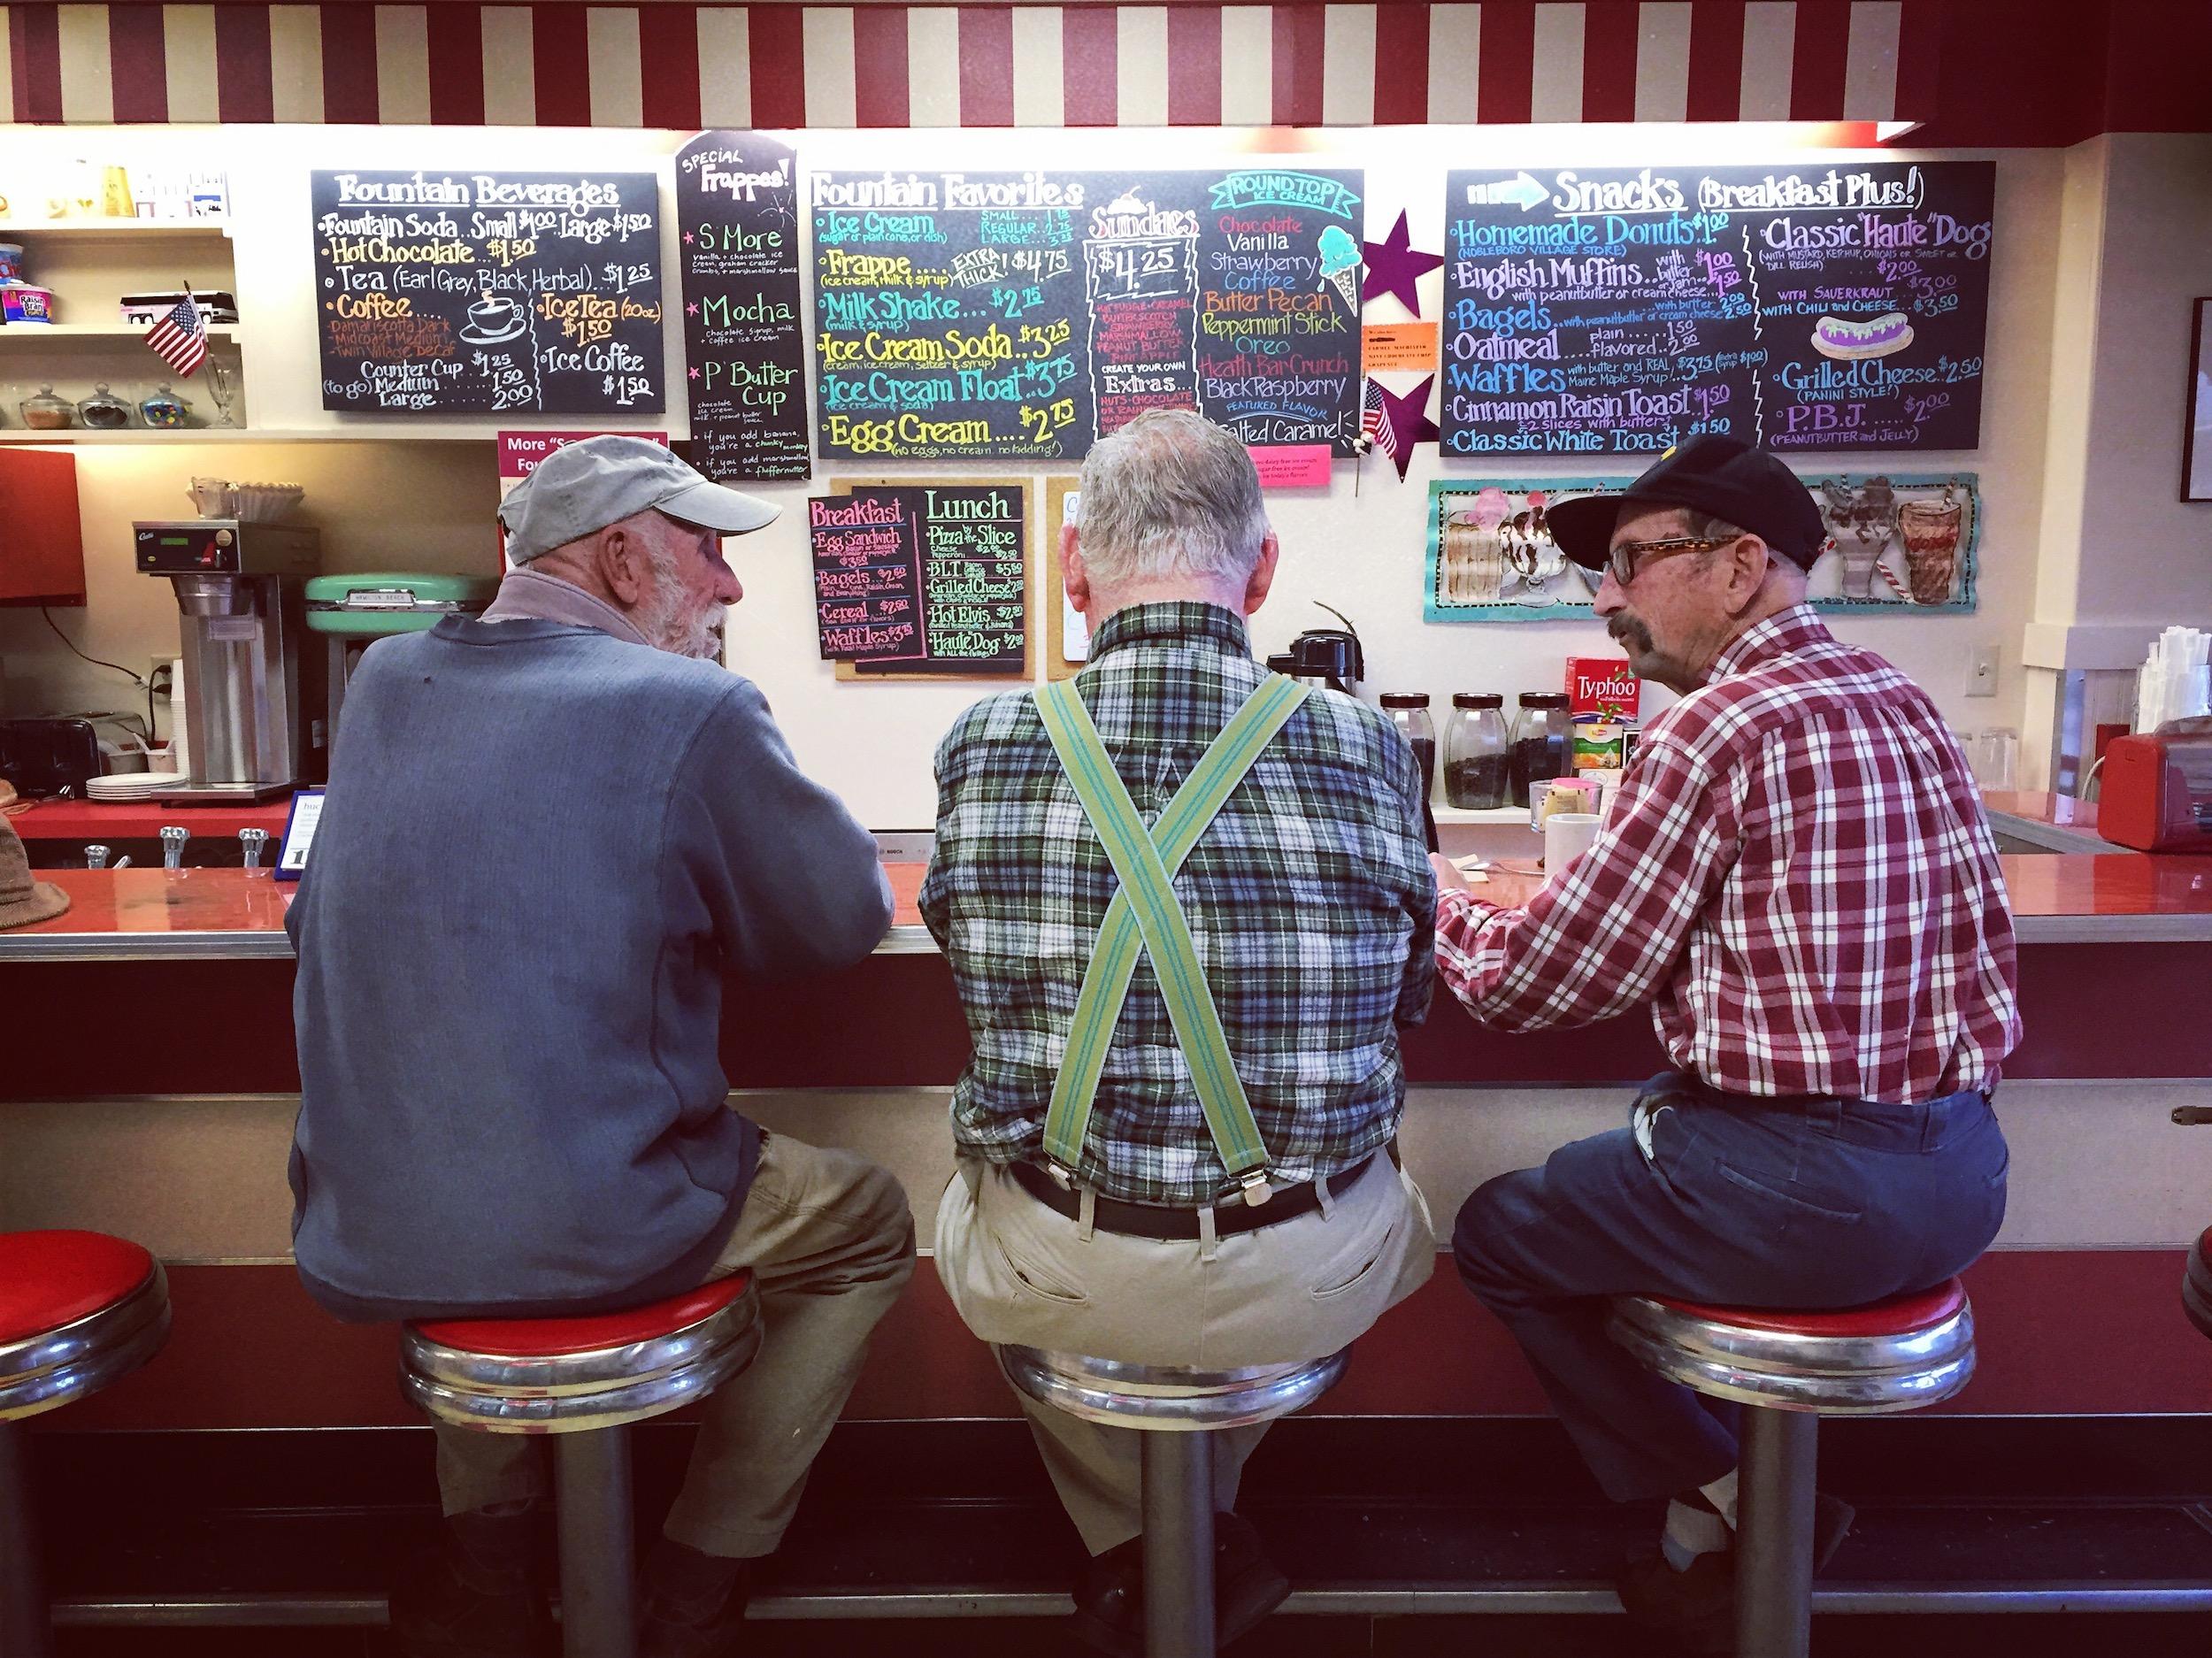 Maine. Hanging at Reny's counter. Damariscotta, Maine